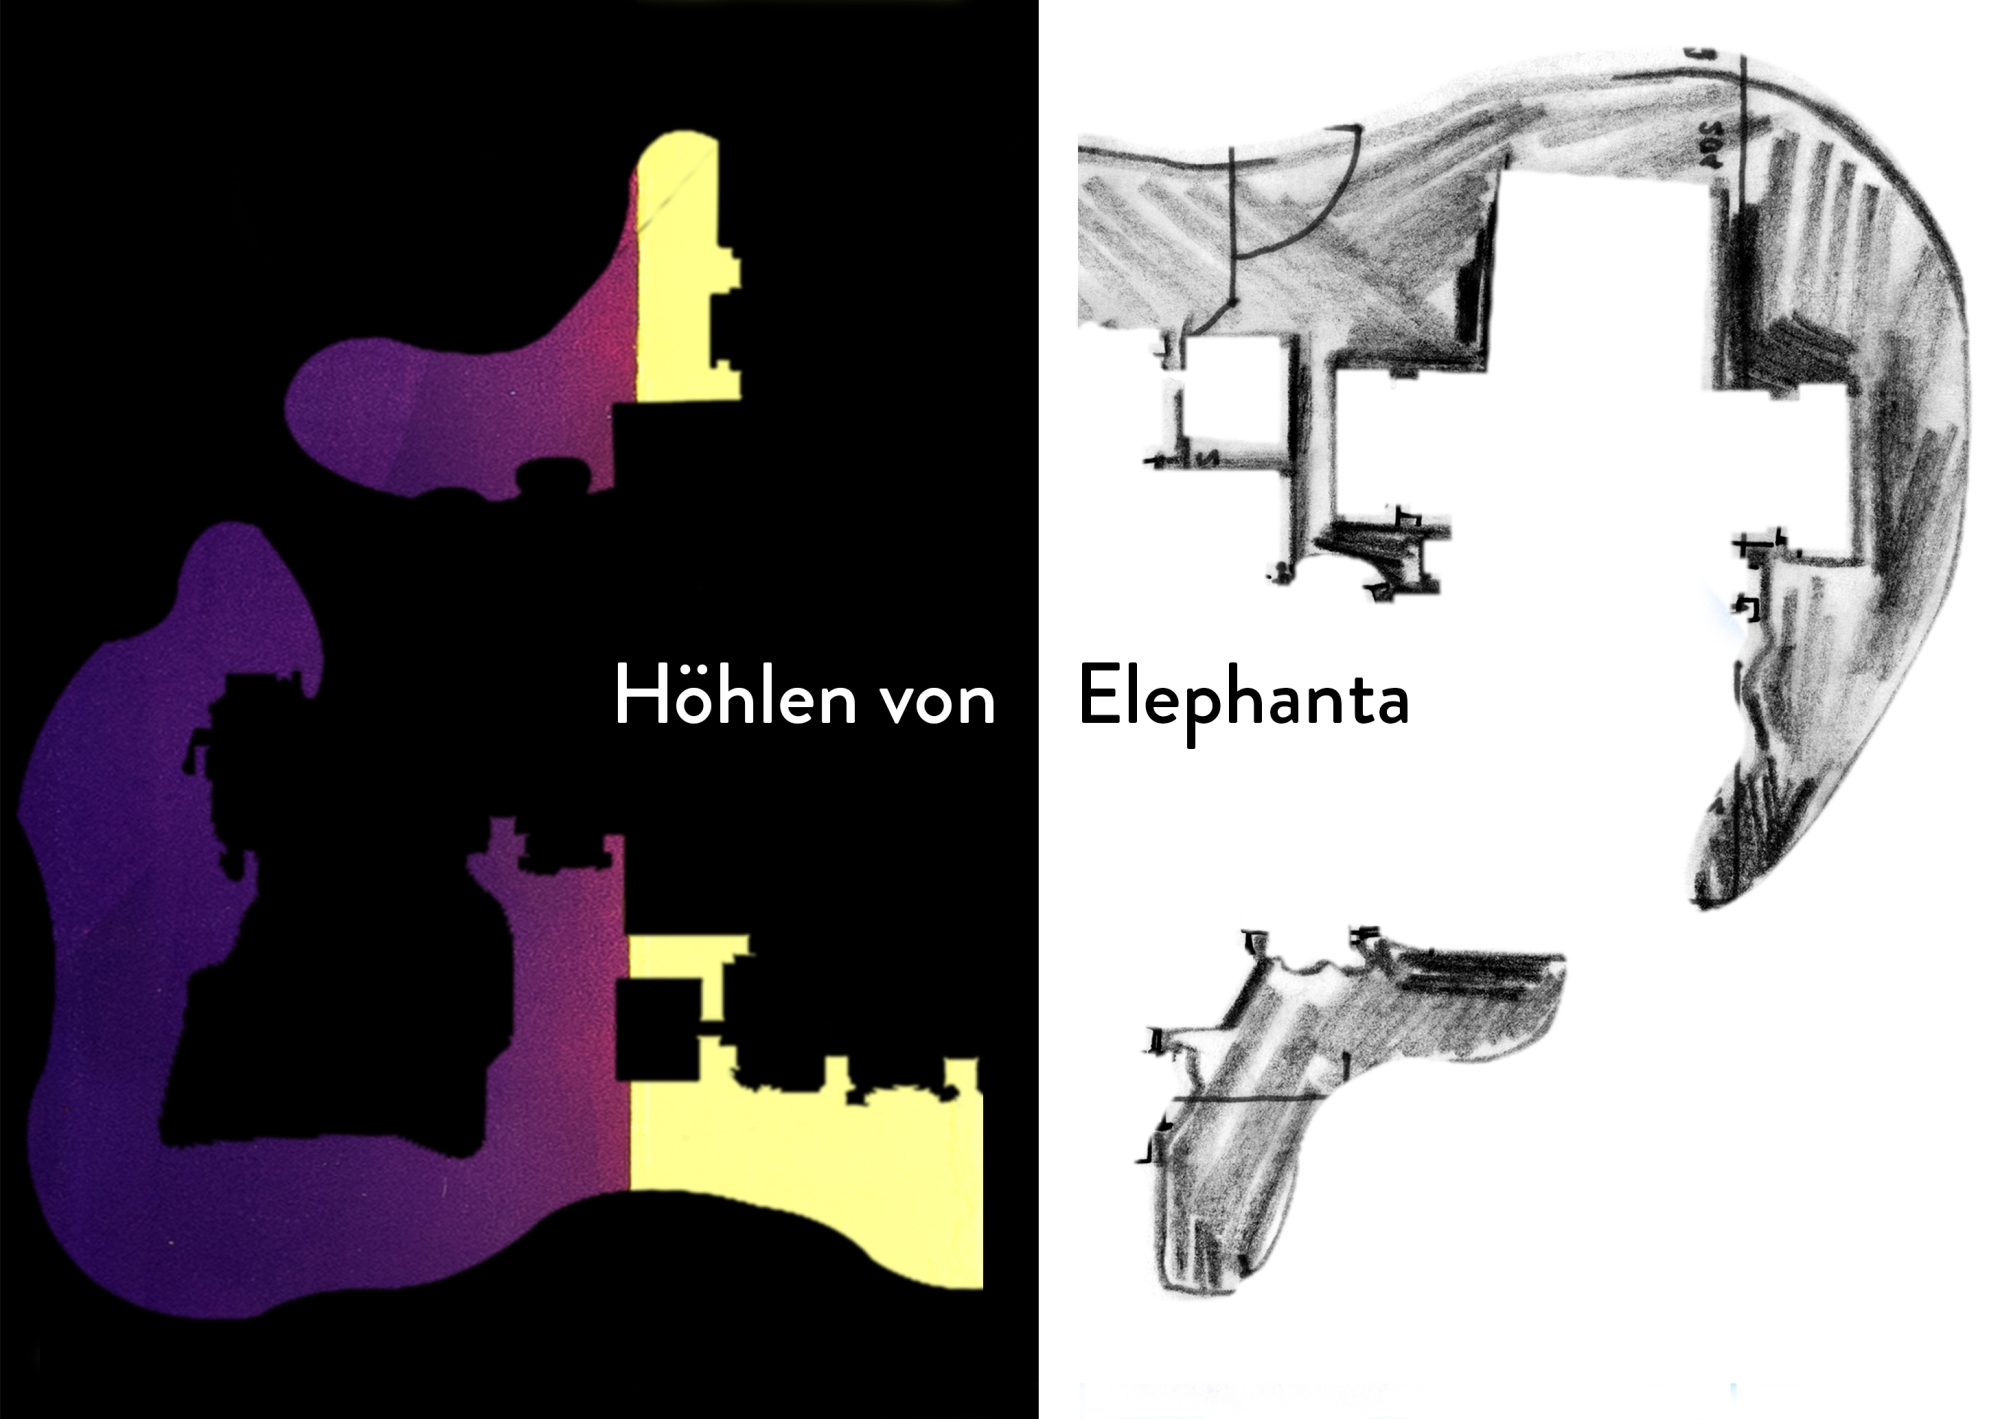 Höhlen von Elephanta